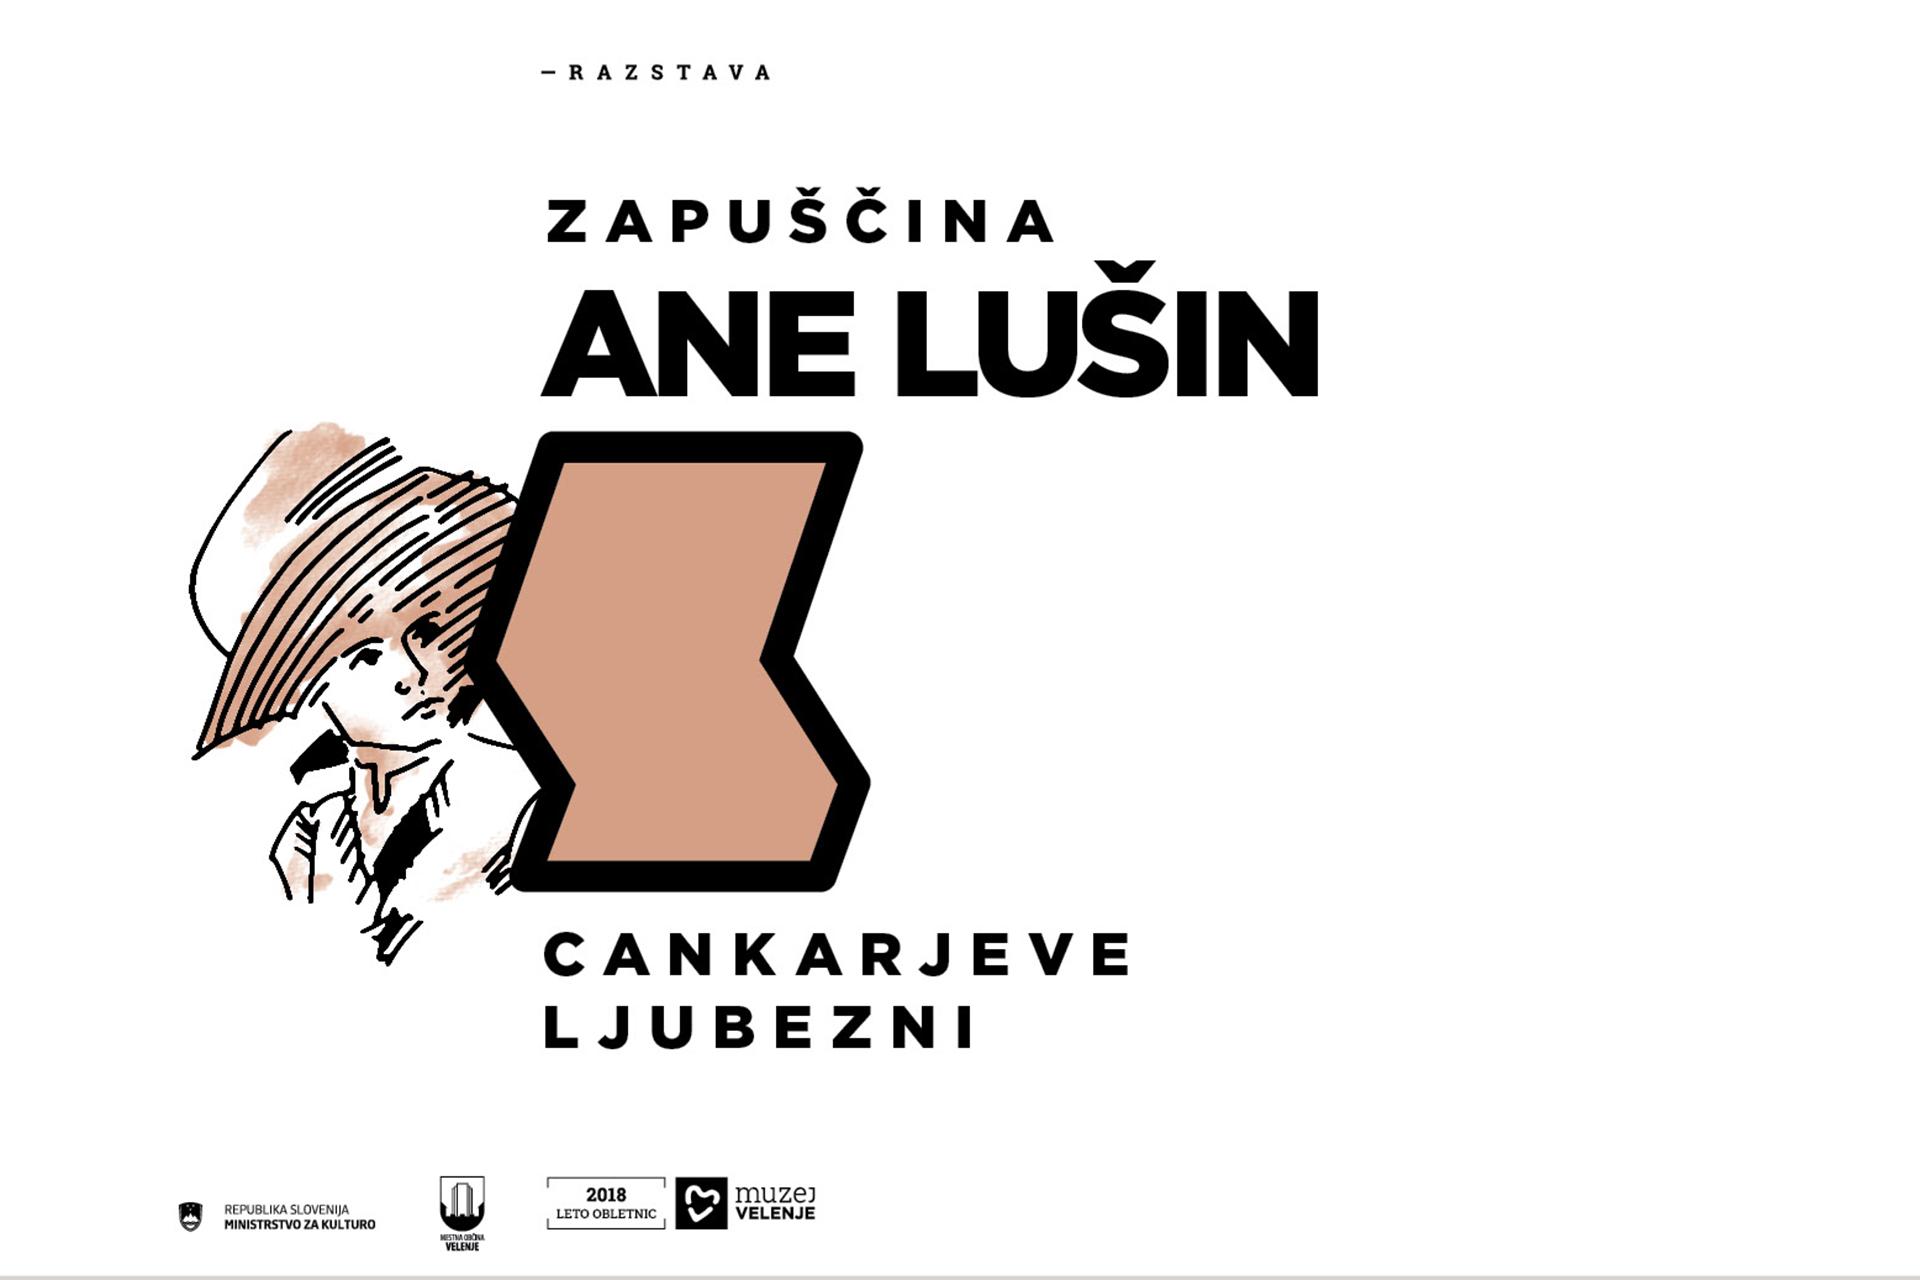 razstava_cankarjeva_ljubezen_ana_lusin_muzej_velenje_ma-ma_marko_marinsek_podoba